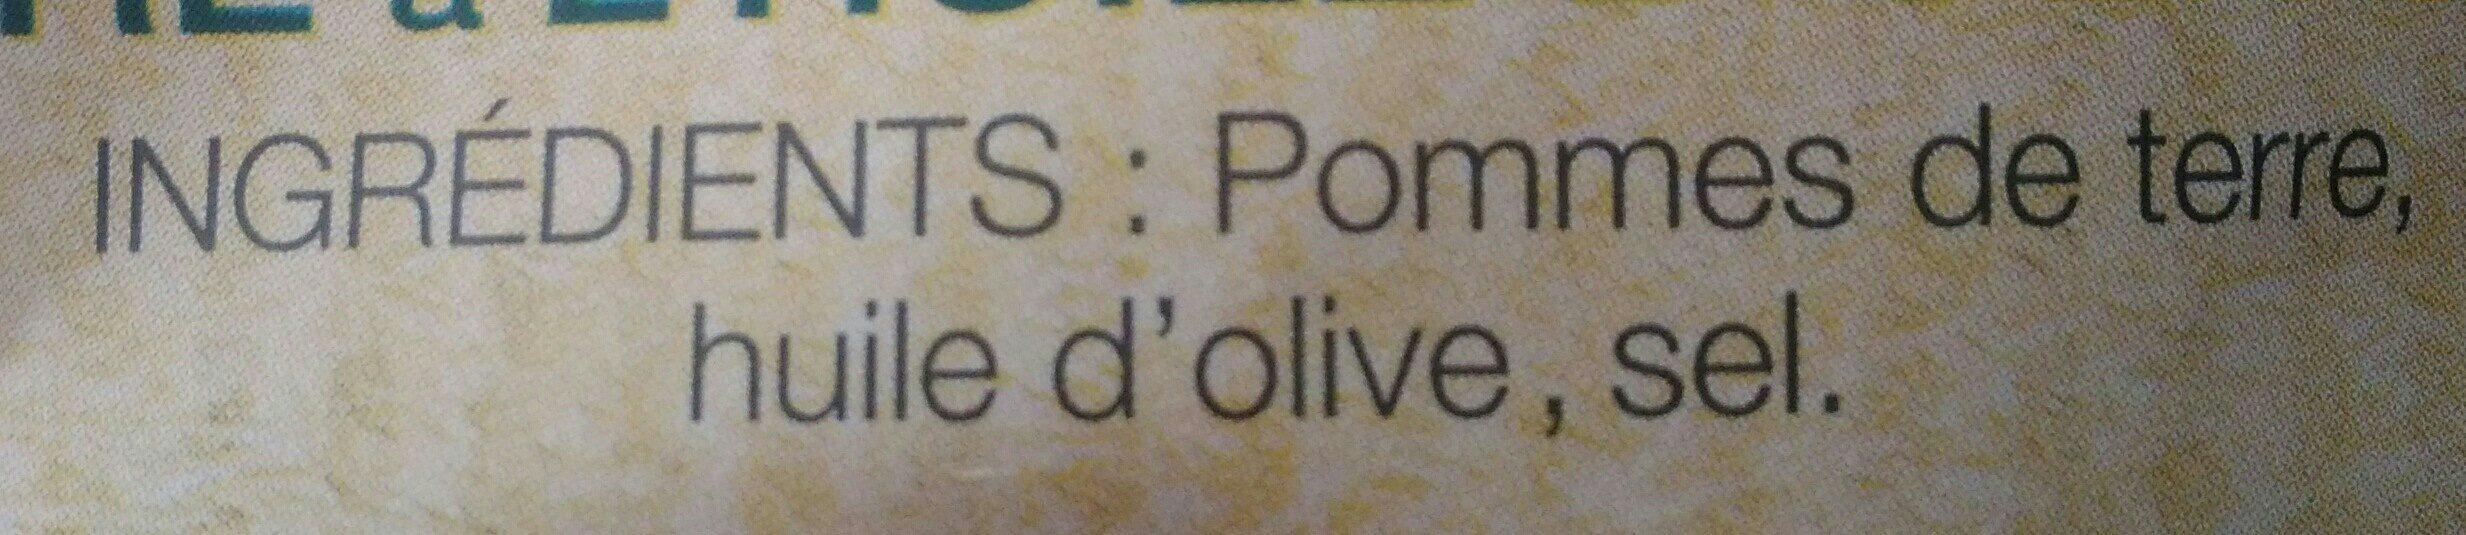 Lay's Méditerranéenne 100% huile d'olive nature format familial - Ingrédients - fr